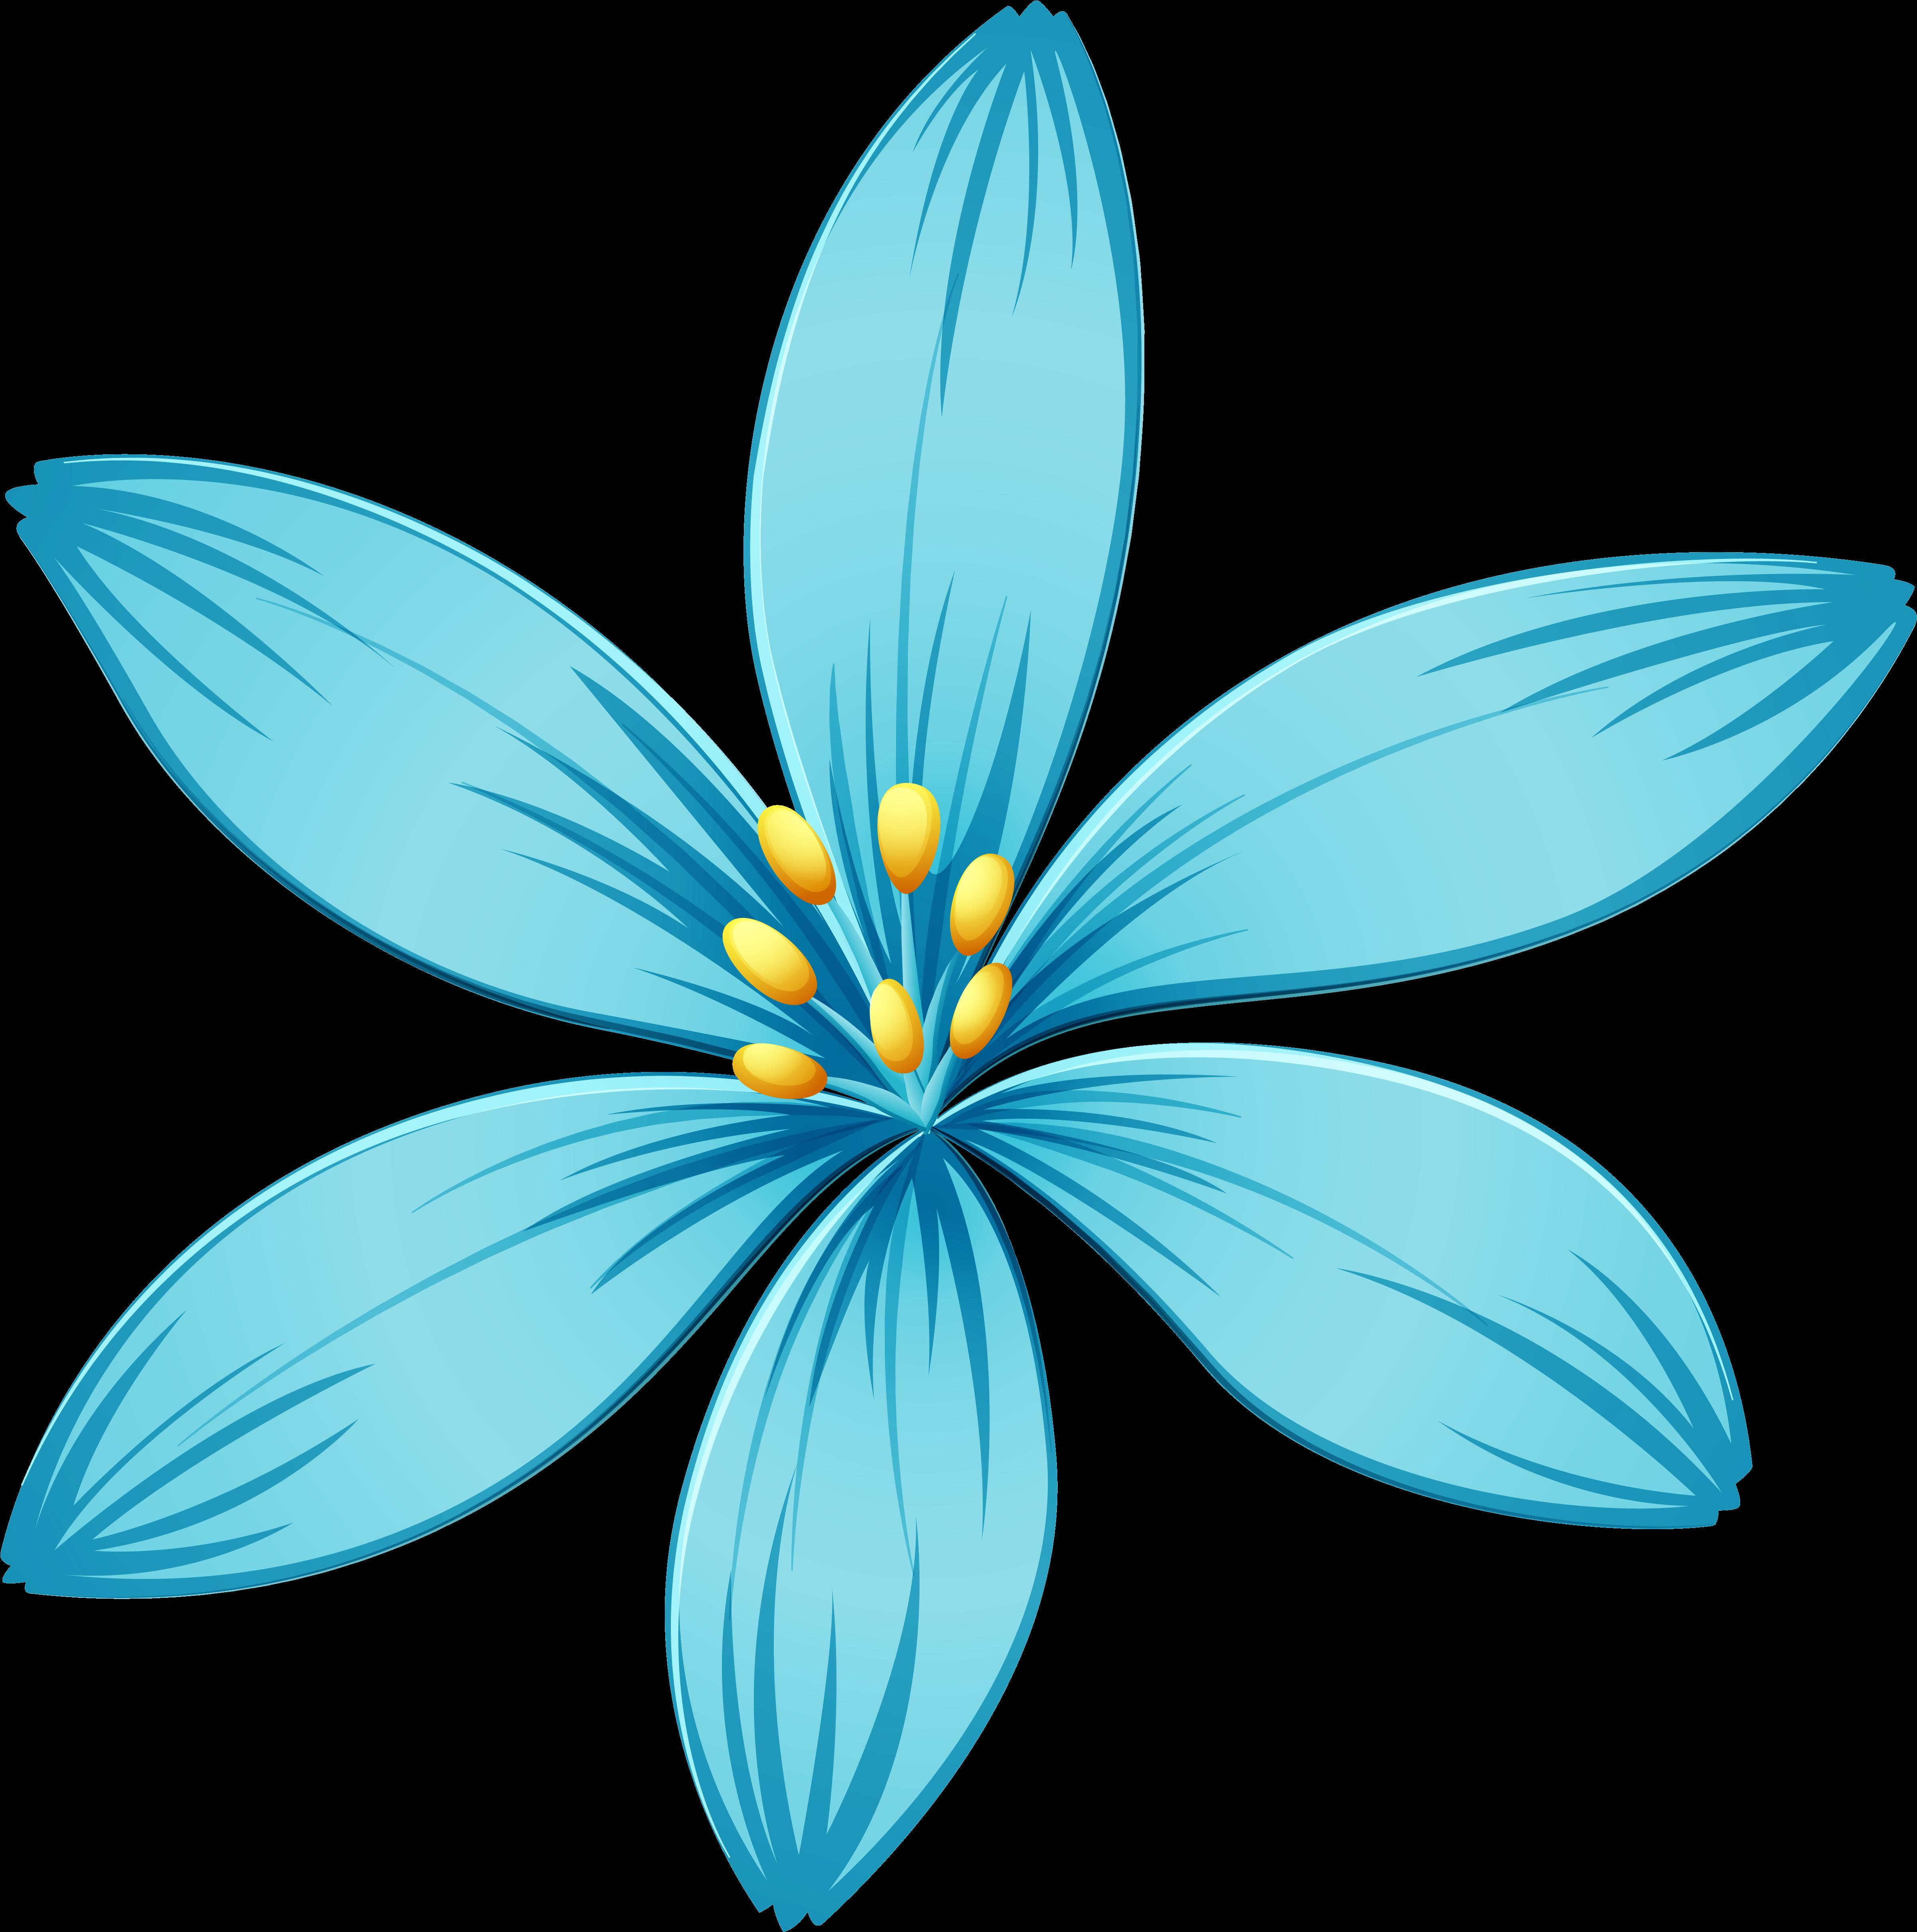 Старым, картинки рисованные цветы на прозрачном фоне